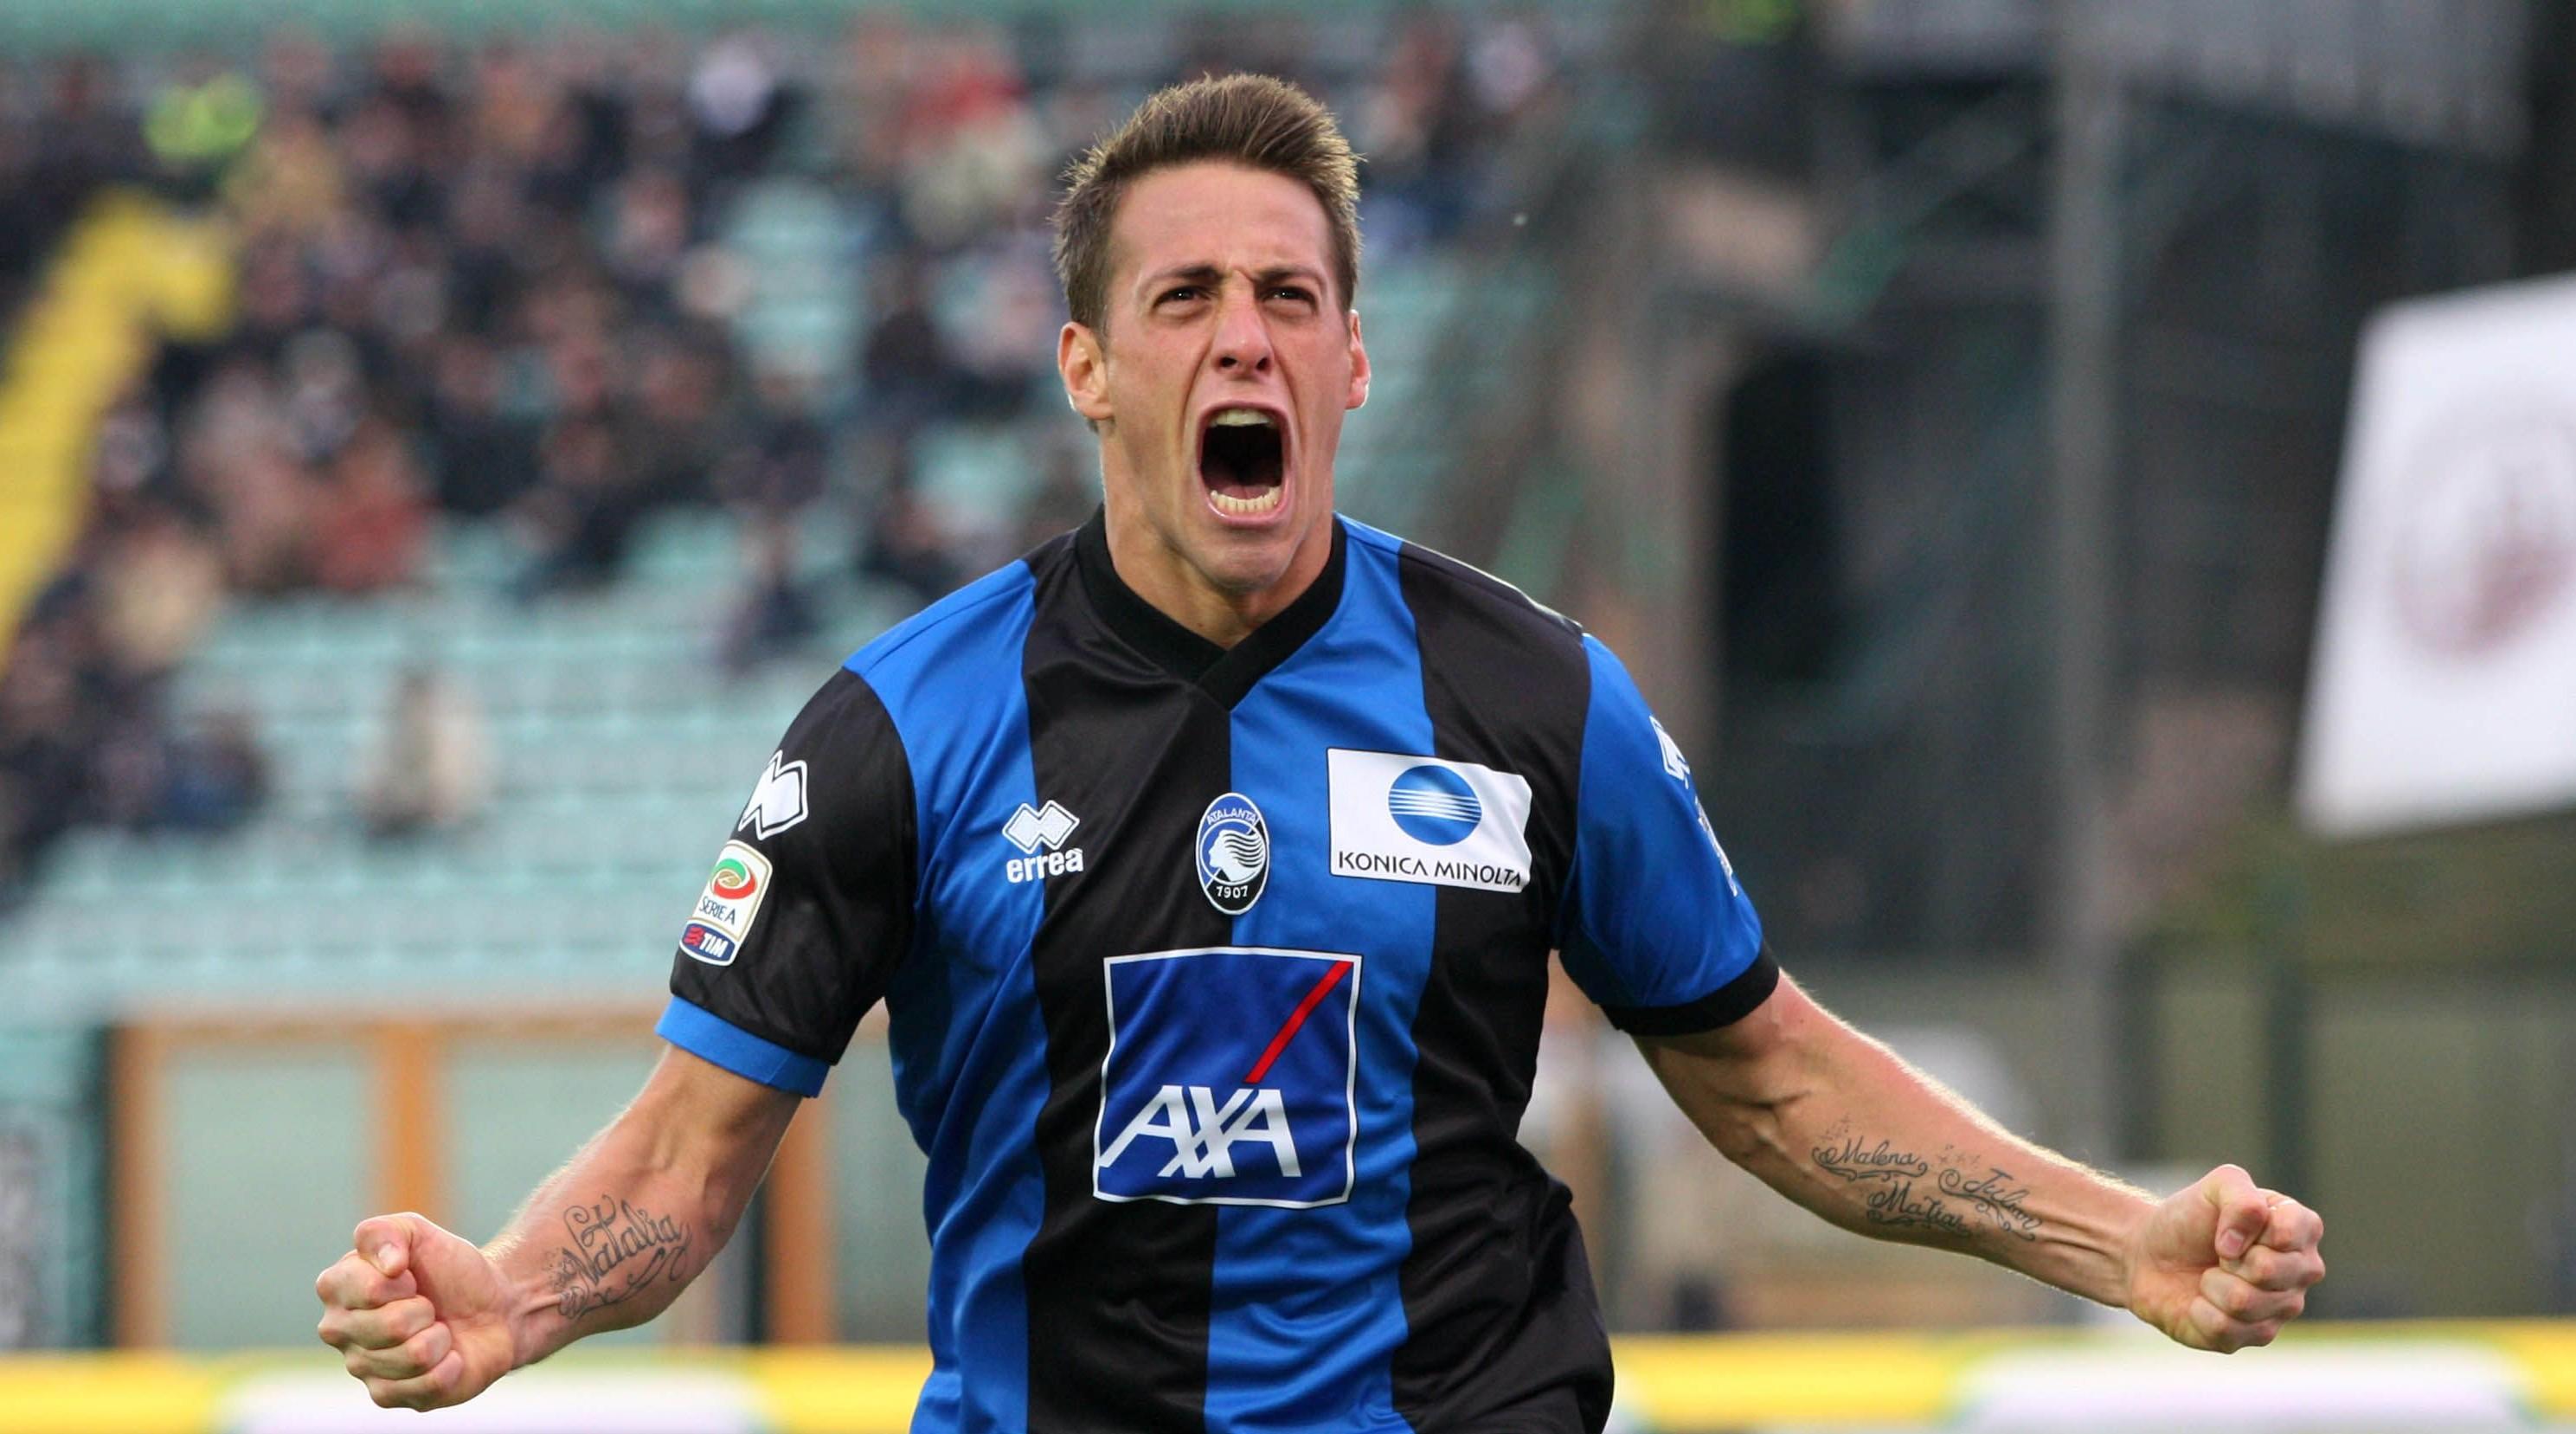 Inter beffata a Bergamo. Juventus prima a +4